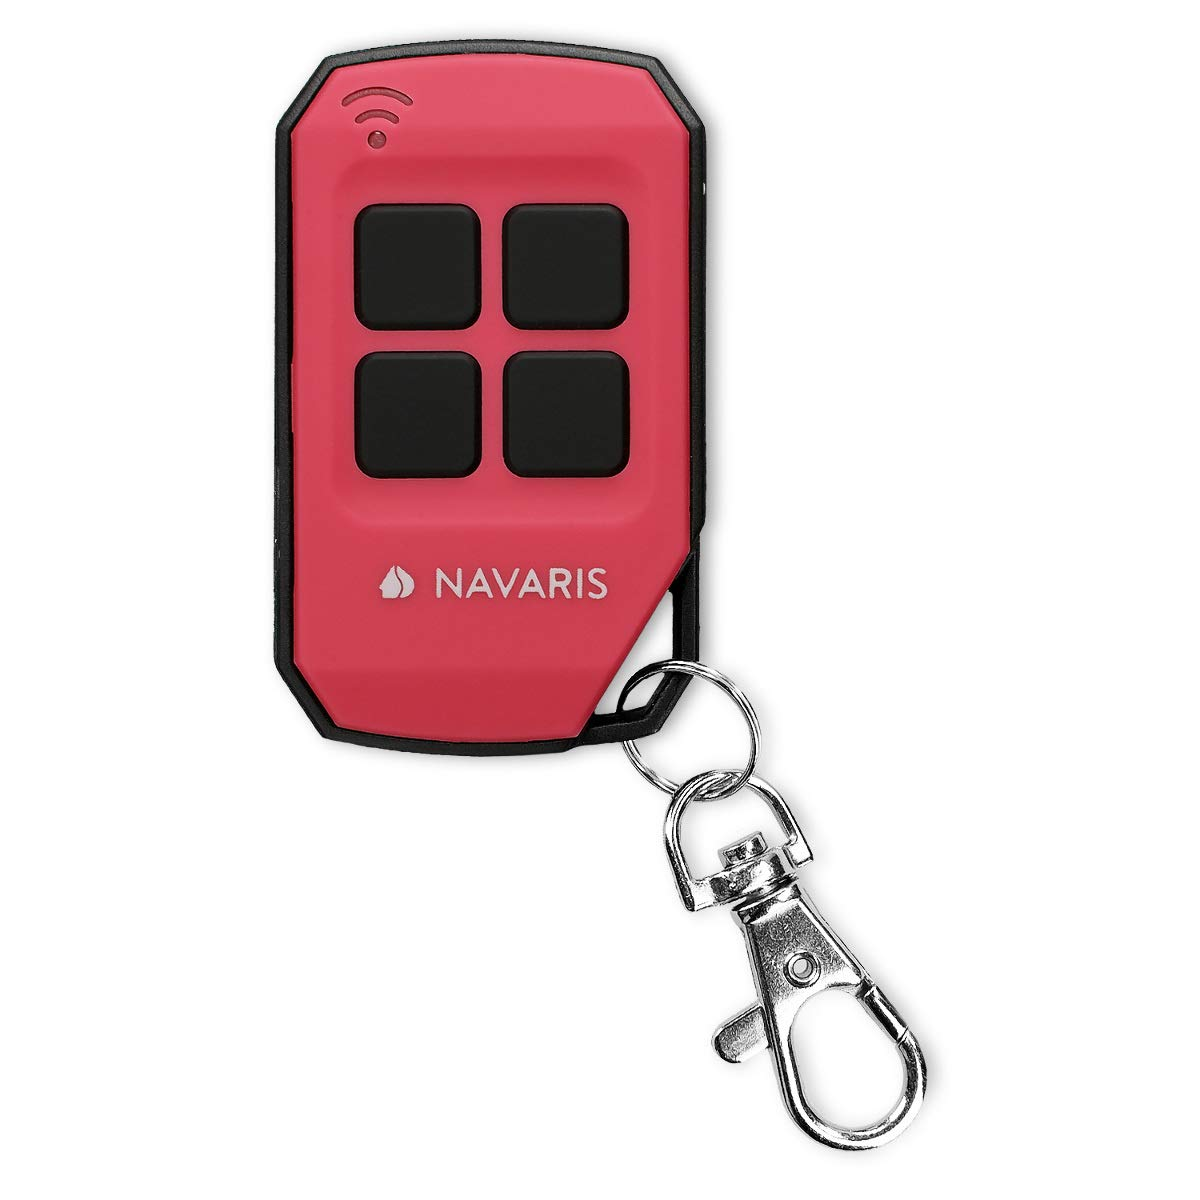 Ersatz Garagentor/öffner Gr/ün Navaris 433 MHz Transmitter Funk Fernbedienung auch f/ür Funksteckdosen Garagentor Funkfernbedienung Handsender